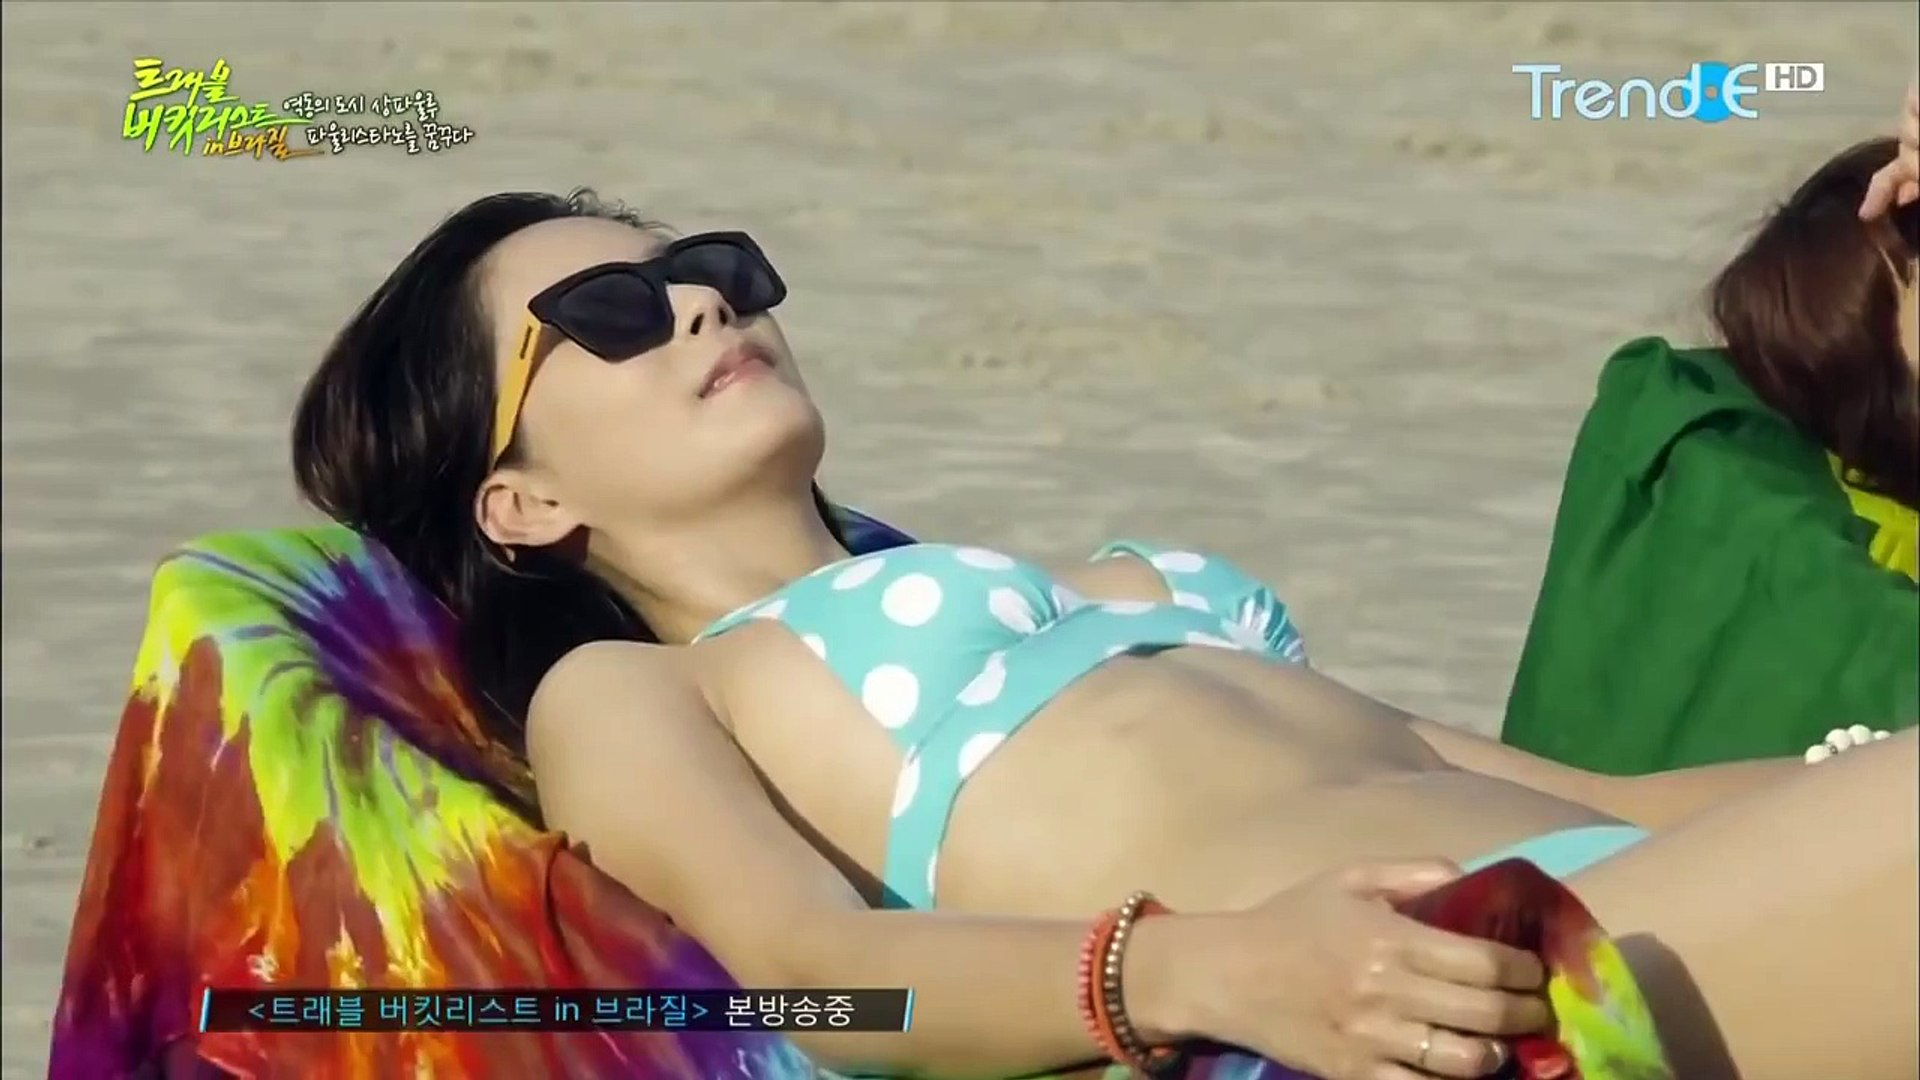 Gái Hàn Quốc mặc bikini cực ngon show hàng - Fan MU